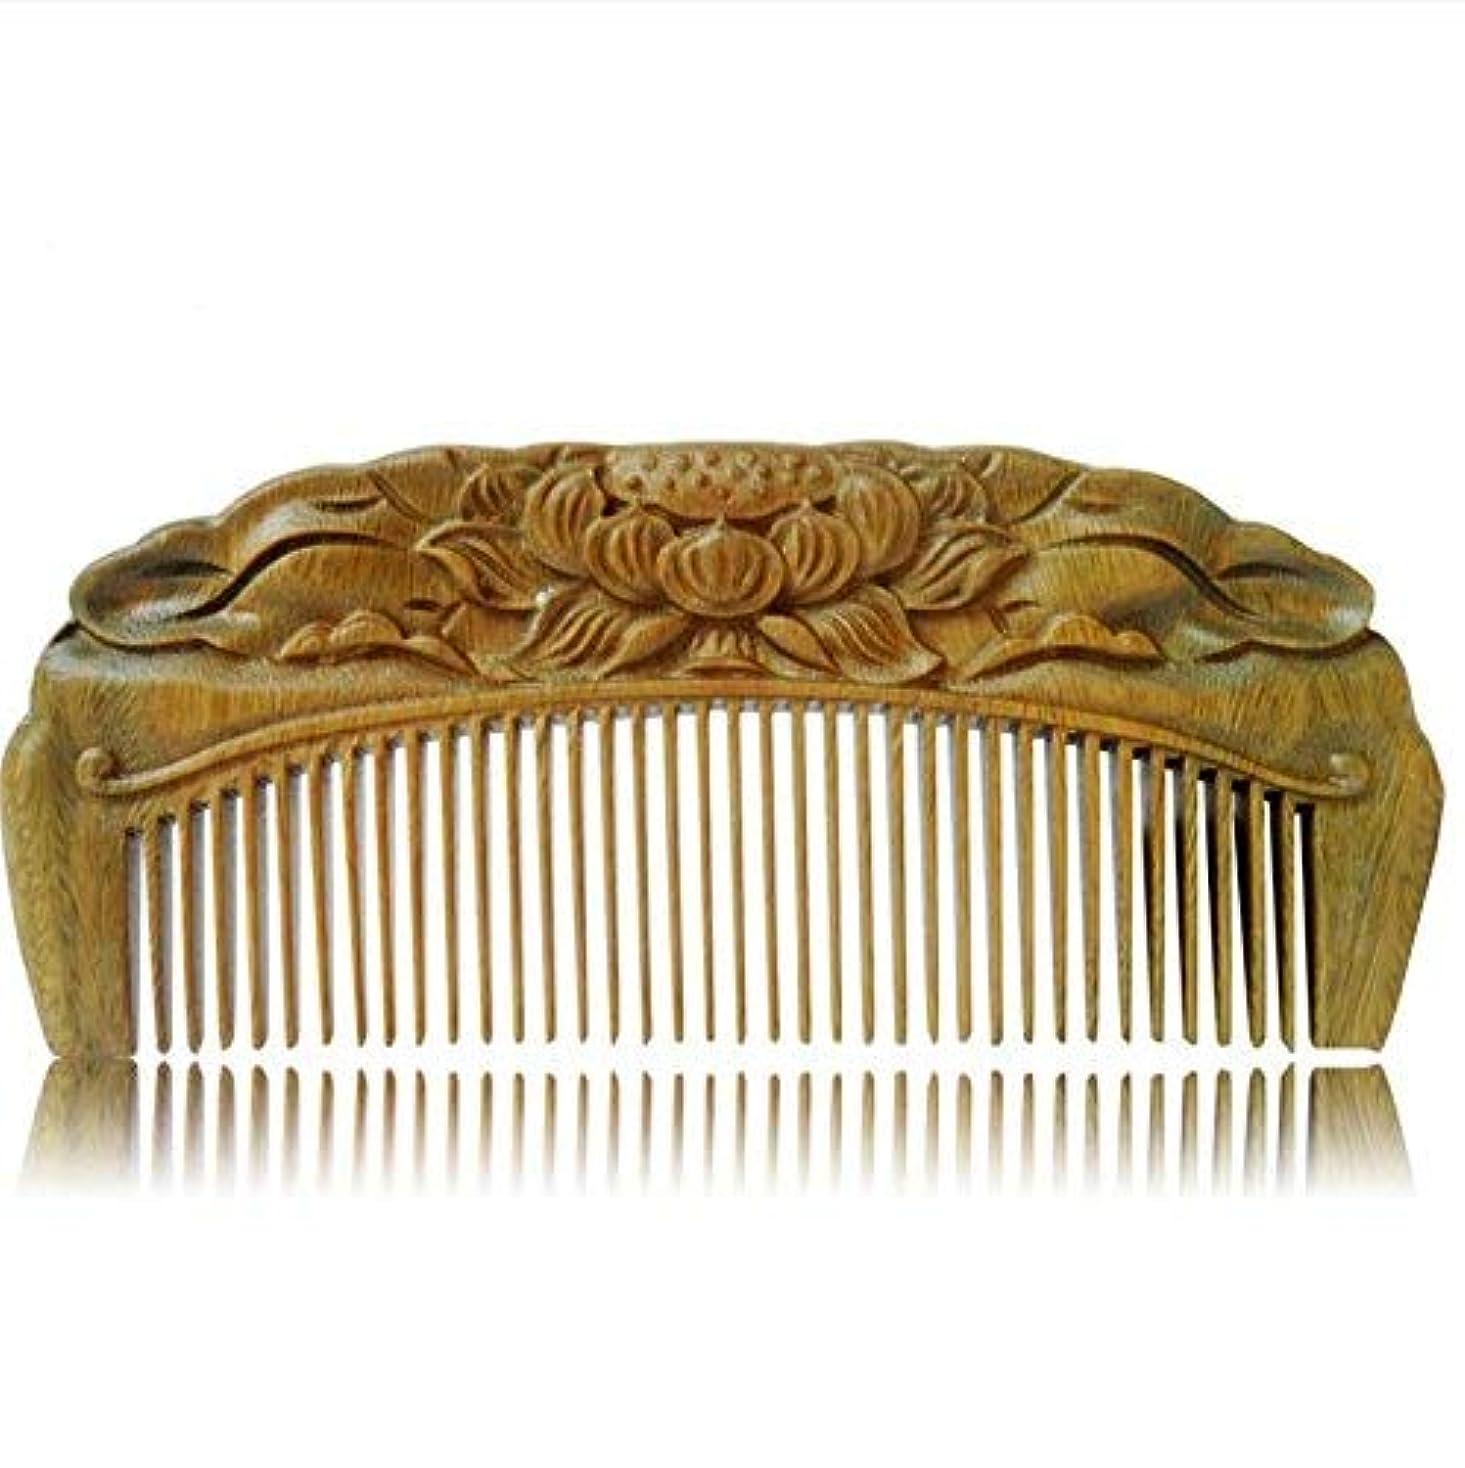 拾うラメストレッチHandmade Carved Natural Sandalwood Hair Comb - Anti-static Sandalwood Hair Comb Beard Brush Rake Comb Handmade...